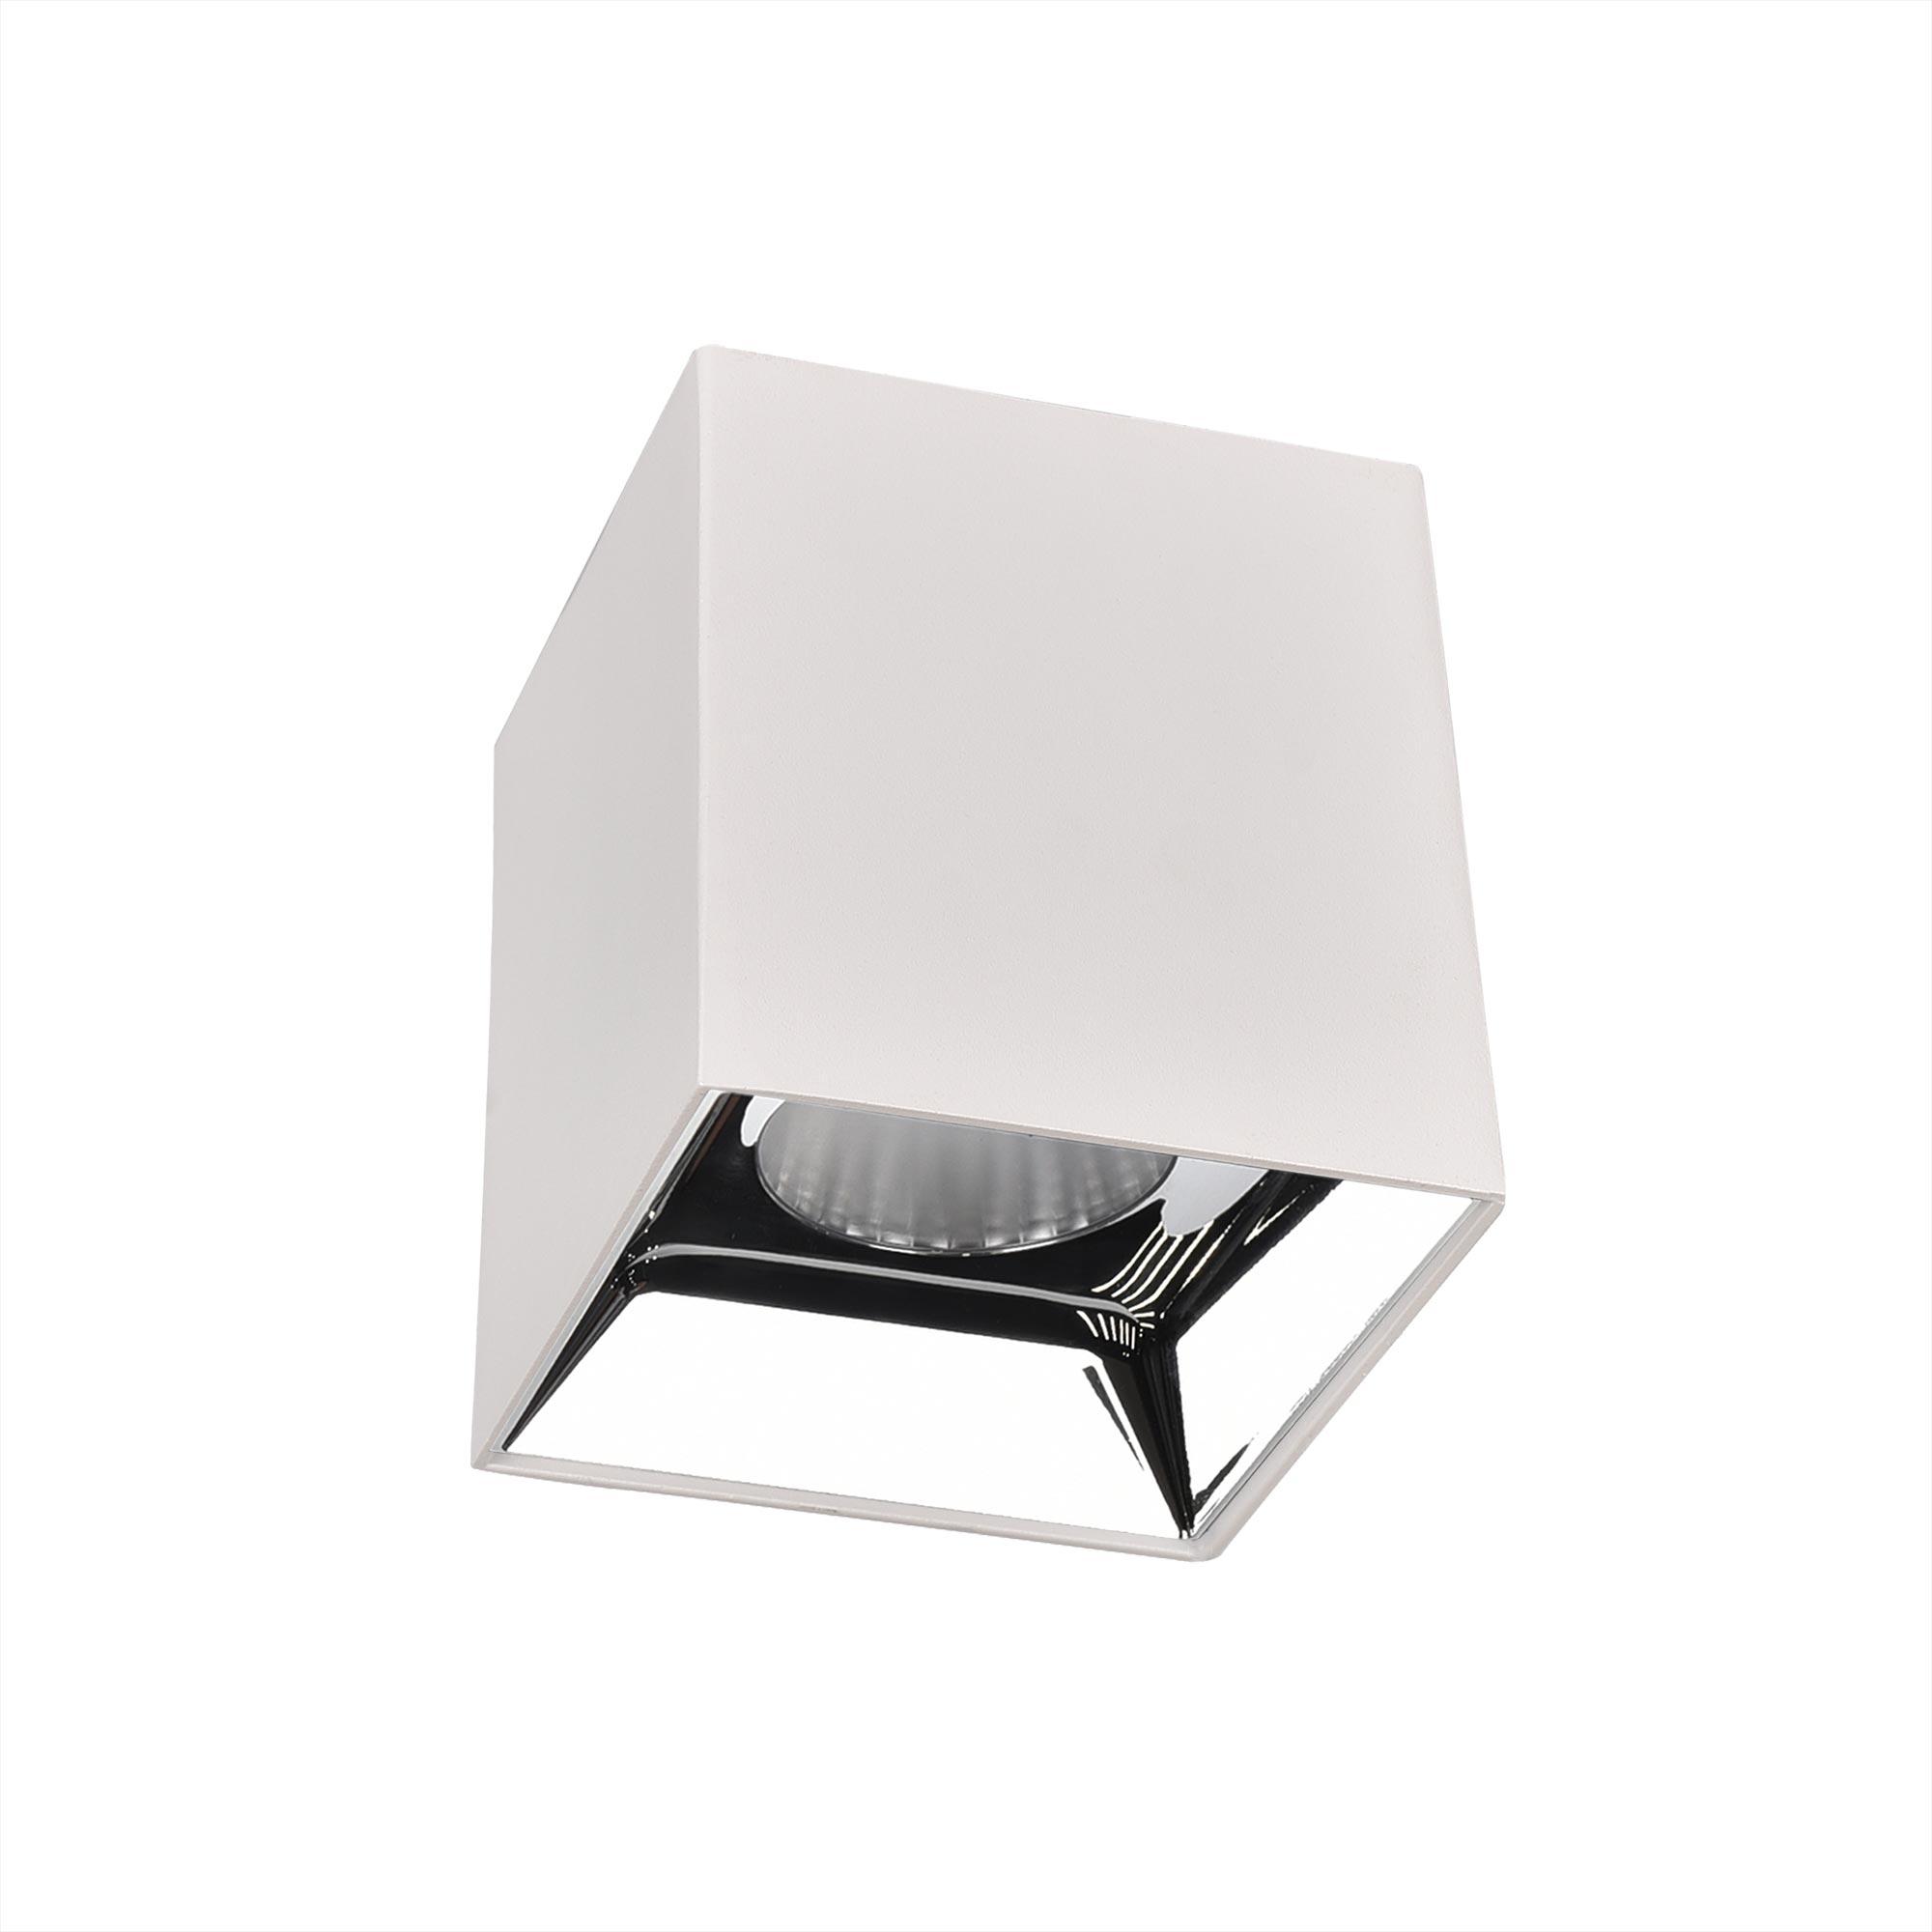 Настенно-потолочный светодиодный светильник Citilux cl7440202 старк 12wх3500k настенно потолочный светодиодный светильник citilux cl7440101 старк 12wх3500k